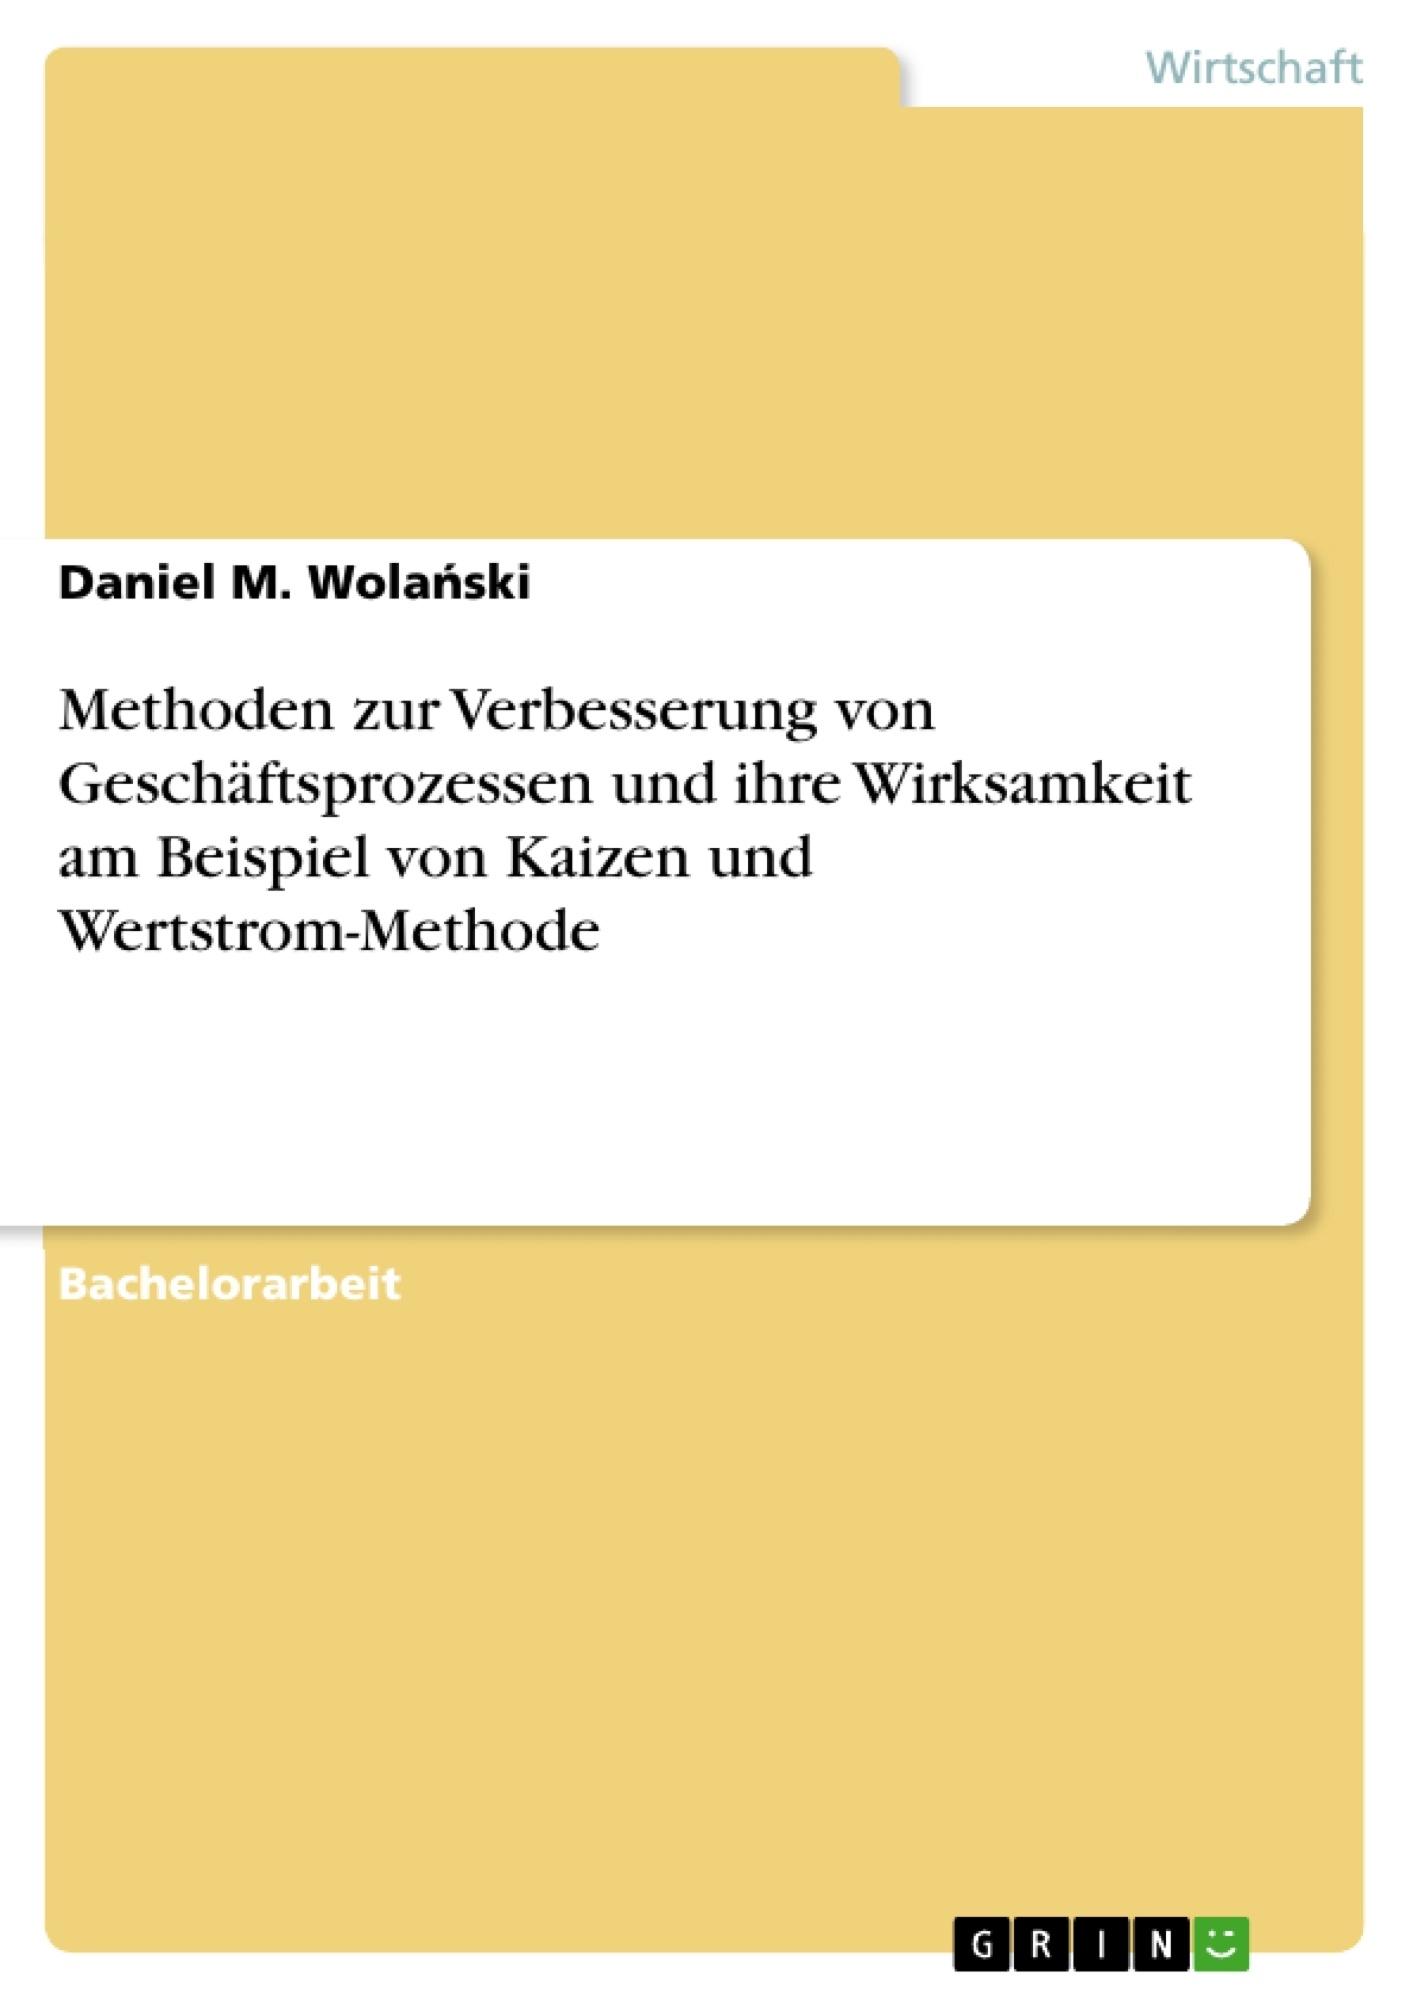 Titel: Methoden zur Verbesserung von Geschäftsprozessen und ihre Wirksamkeit am Beispiel von Kaizen und Wertstrom-Methode